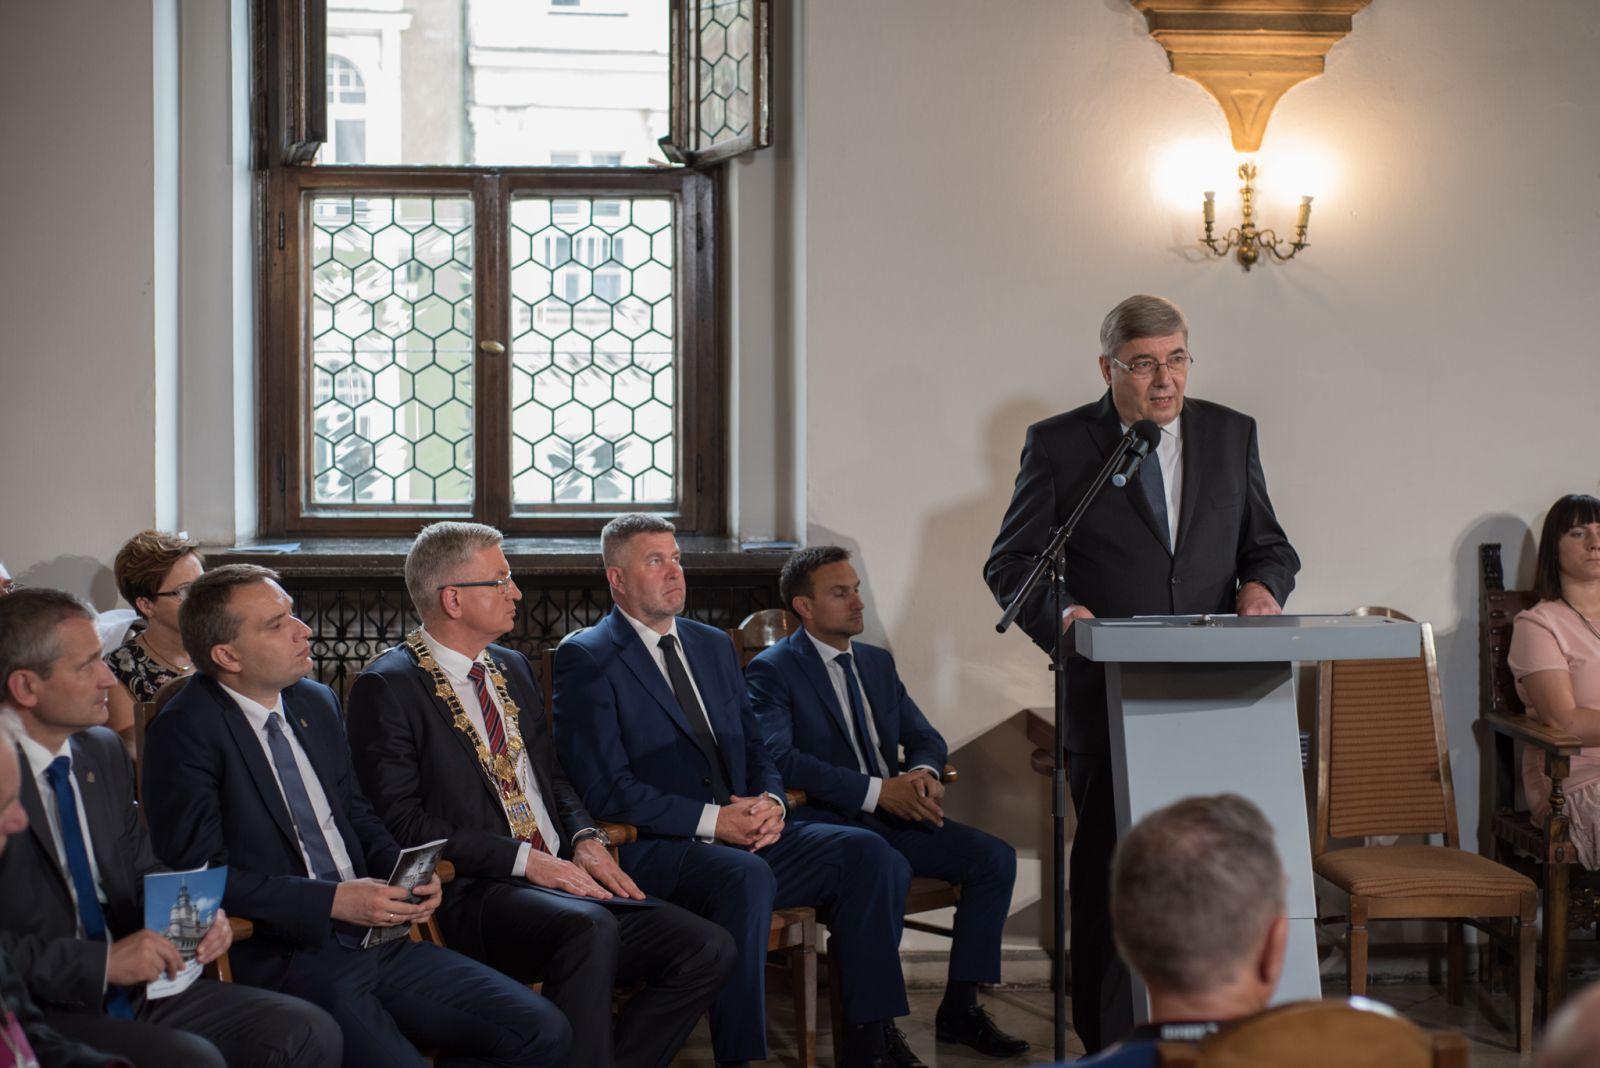 Zdjęcie - przemówienie podczas uroczystości